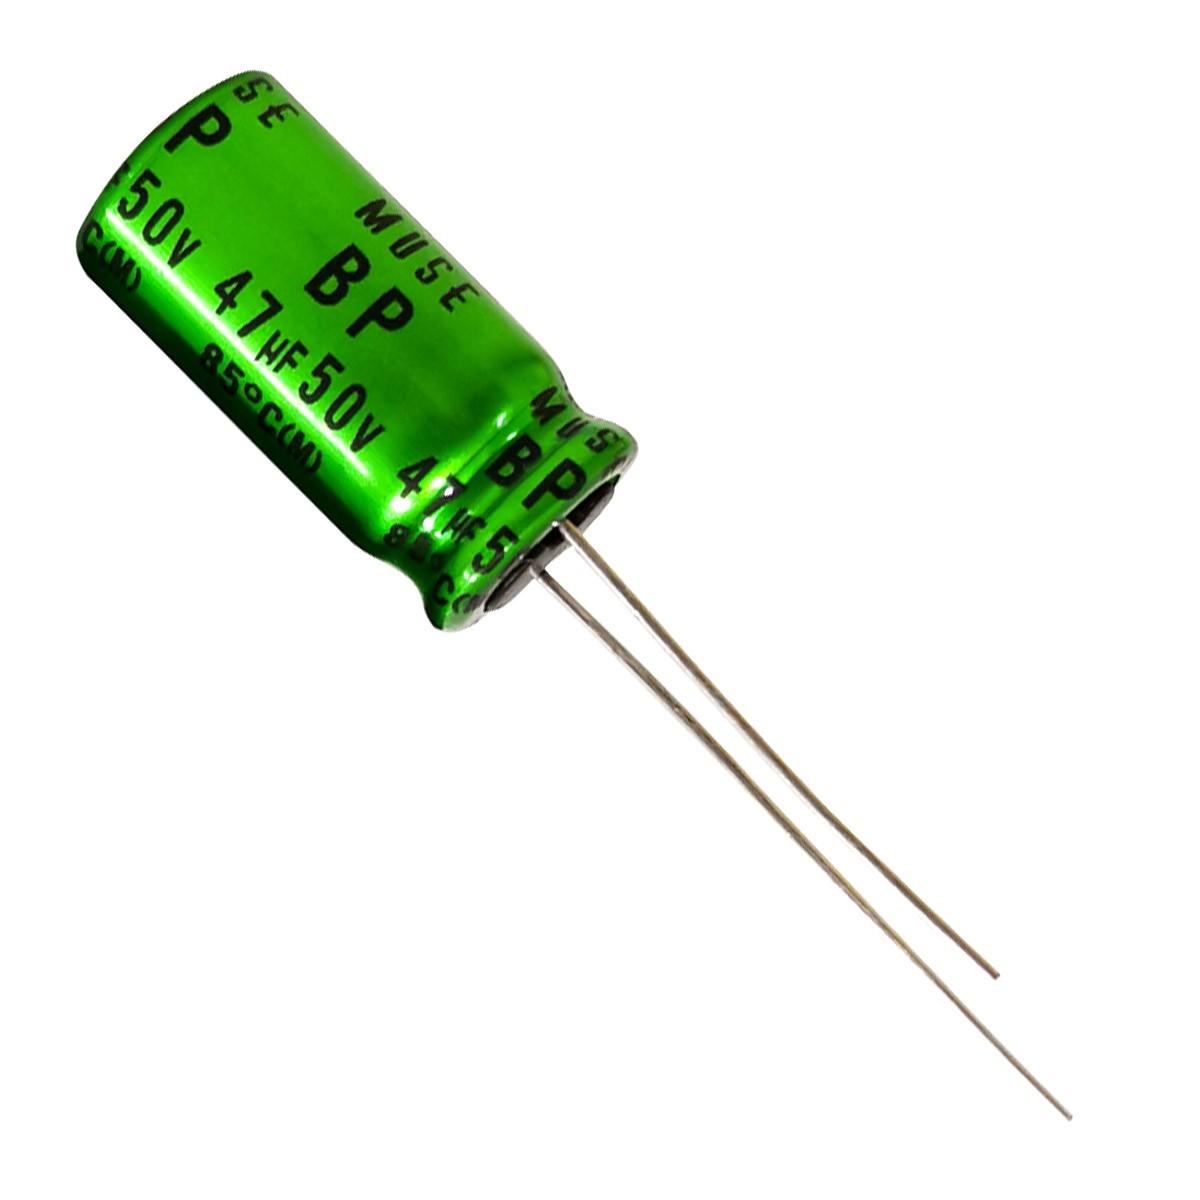 NICHICON ES MUSE HiFi Audio Capacitor 35V 47μF